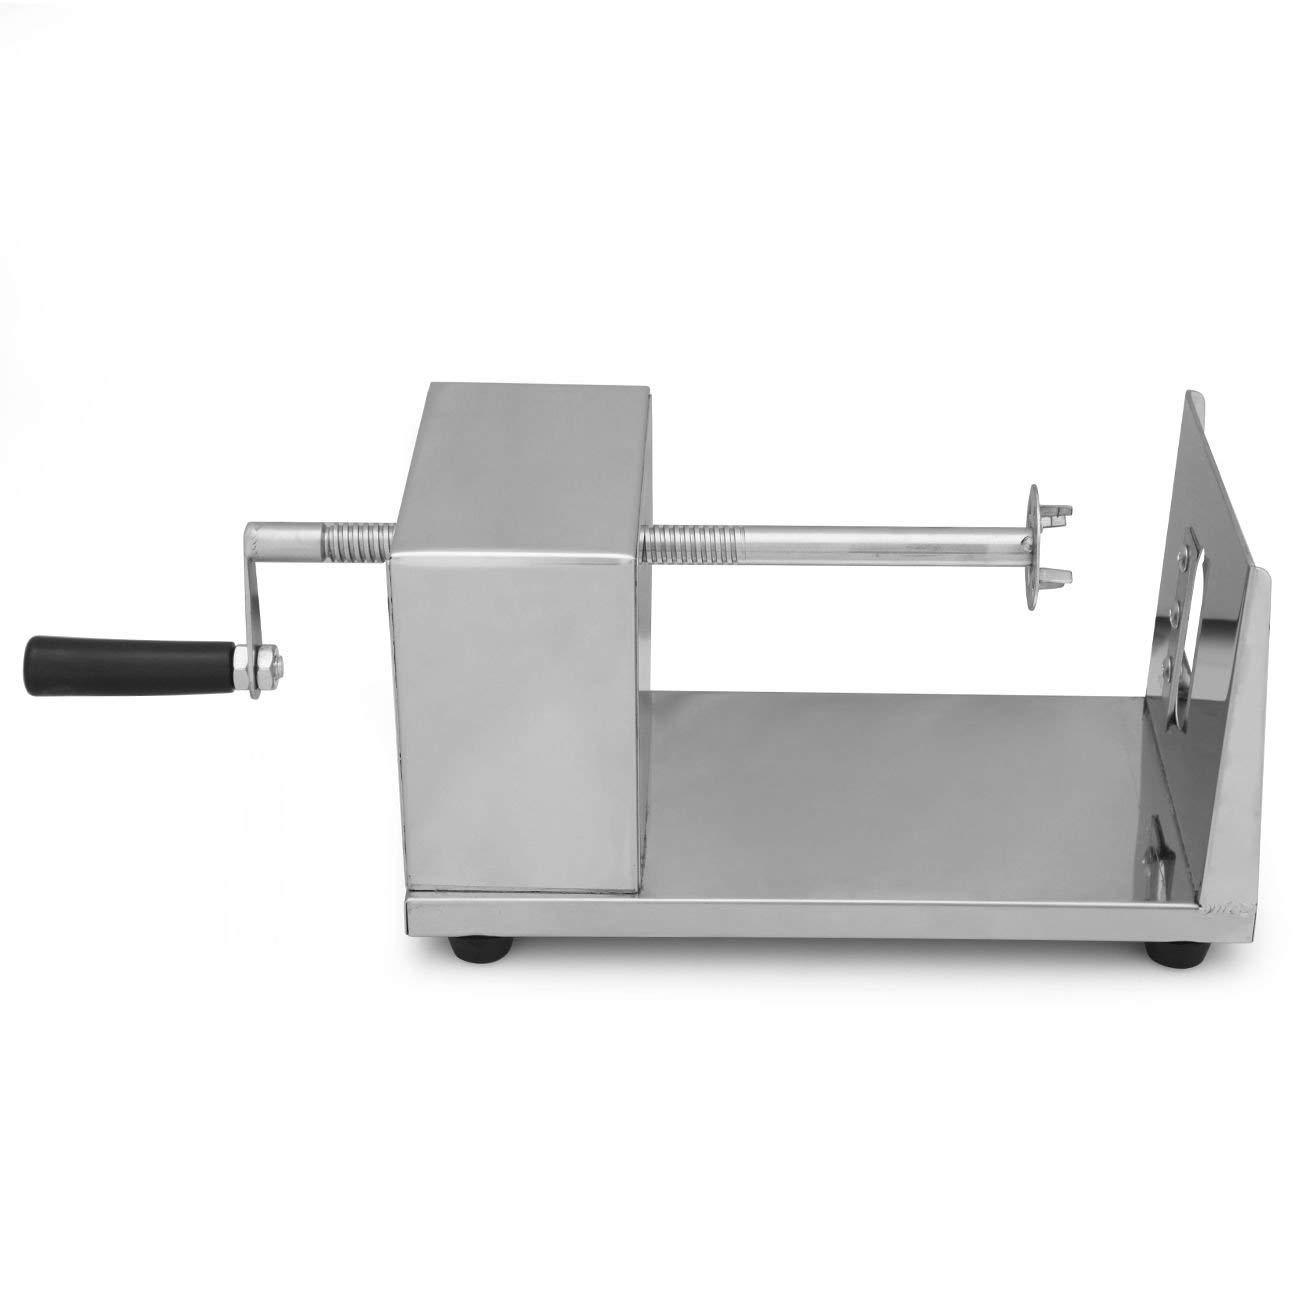 Coupe-Frites Machine Appareil Trancheuse en INOX pour D/écouper Torsader en Manuel Patate L/égume Concombre Carotte Iglobalbuy Eplucheur en Spiral de Pomme de Terre